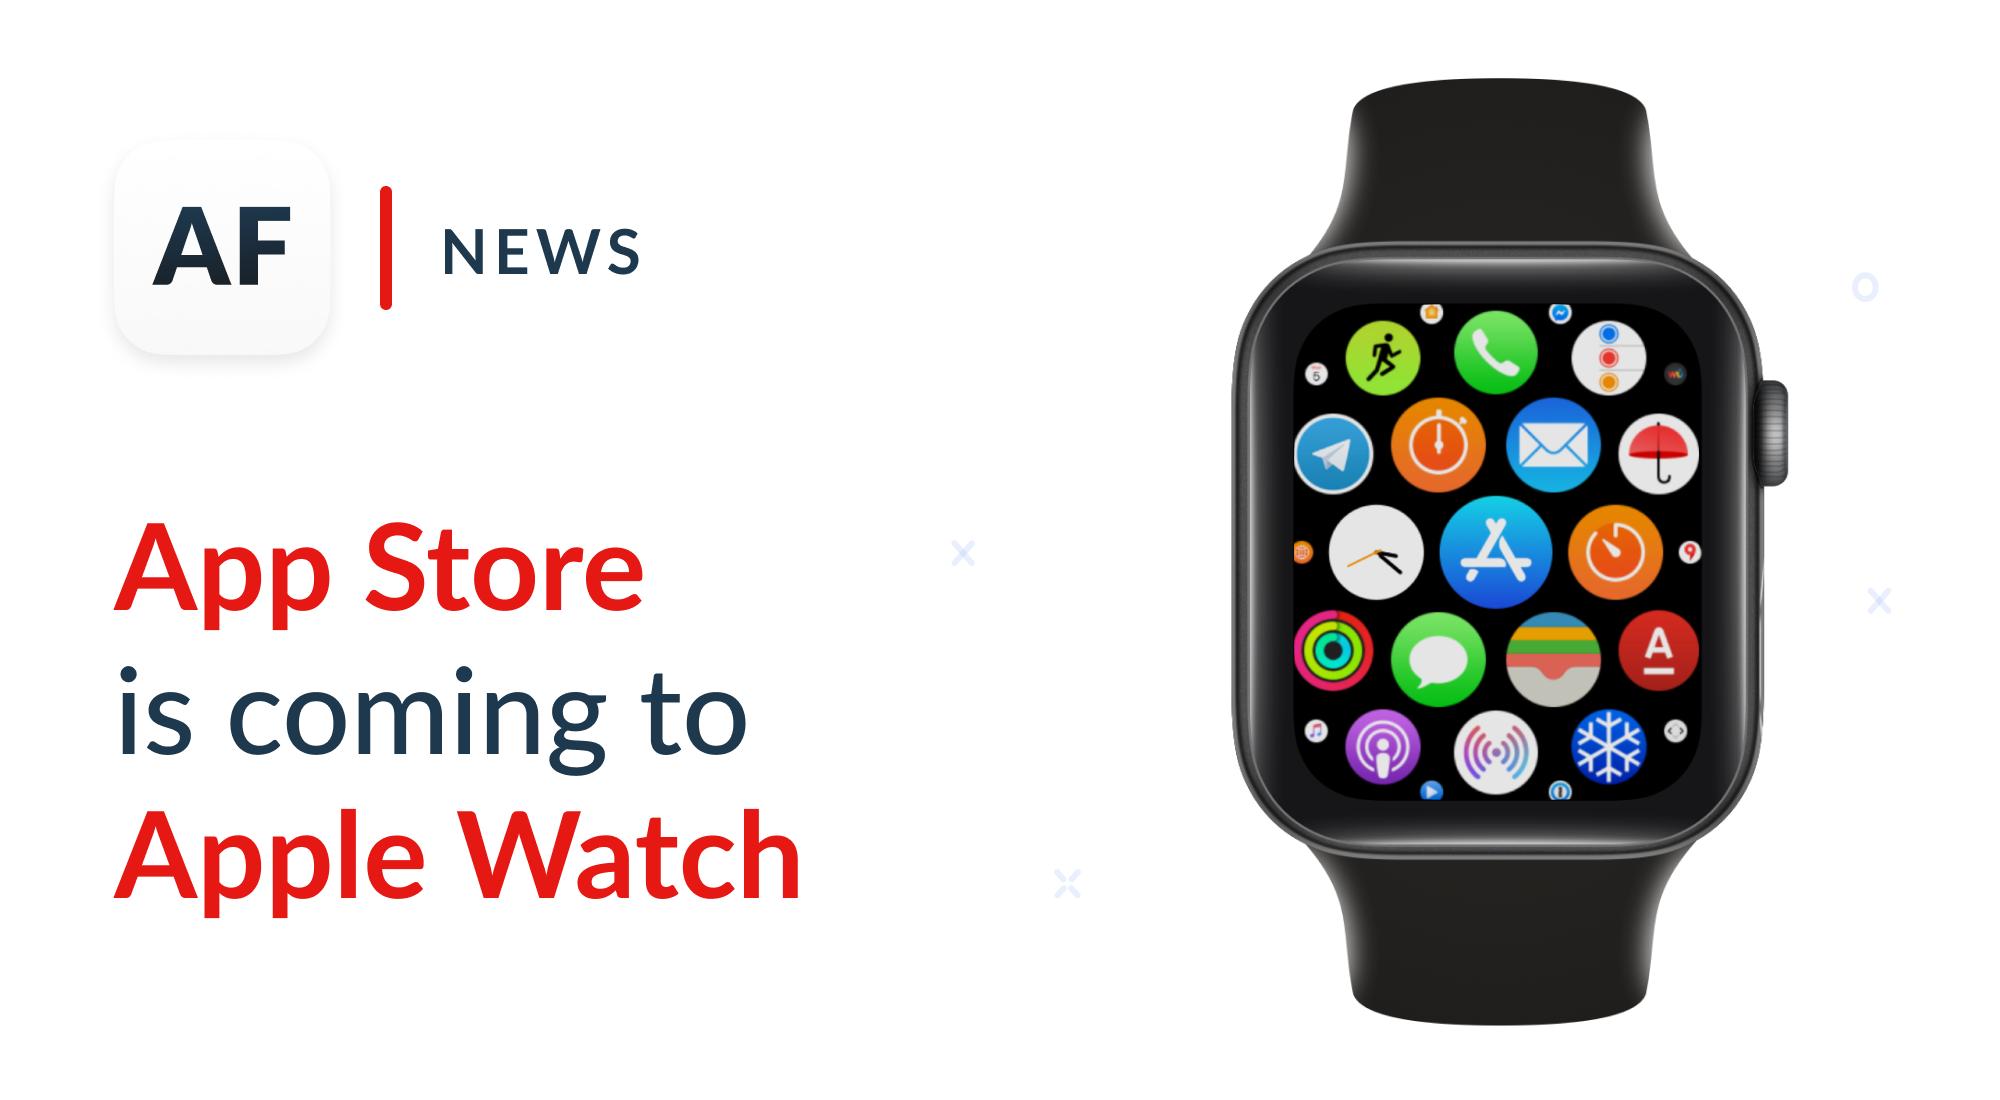 Apple Watch App Store ASO